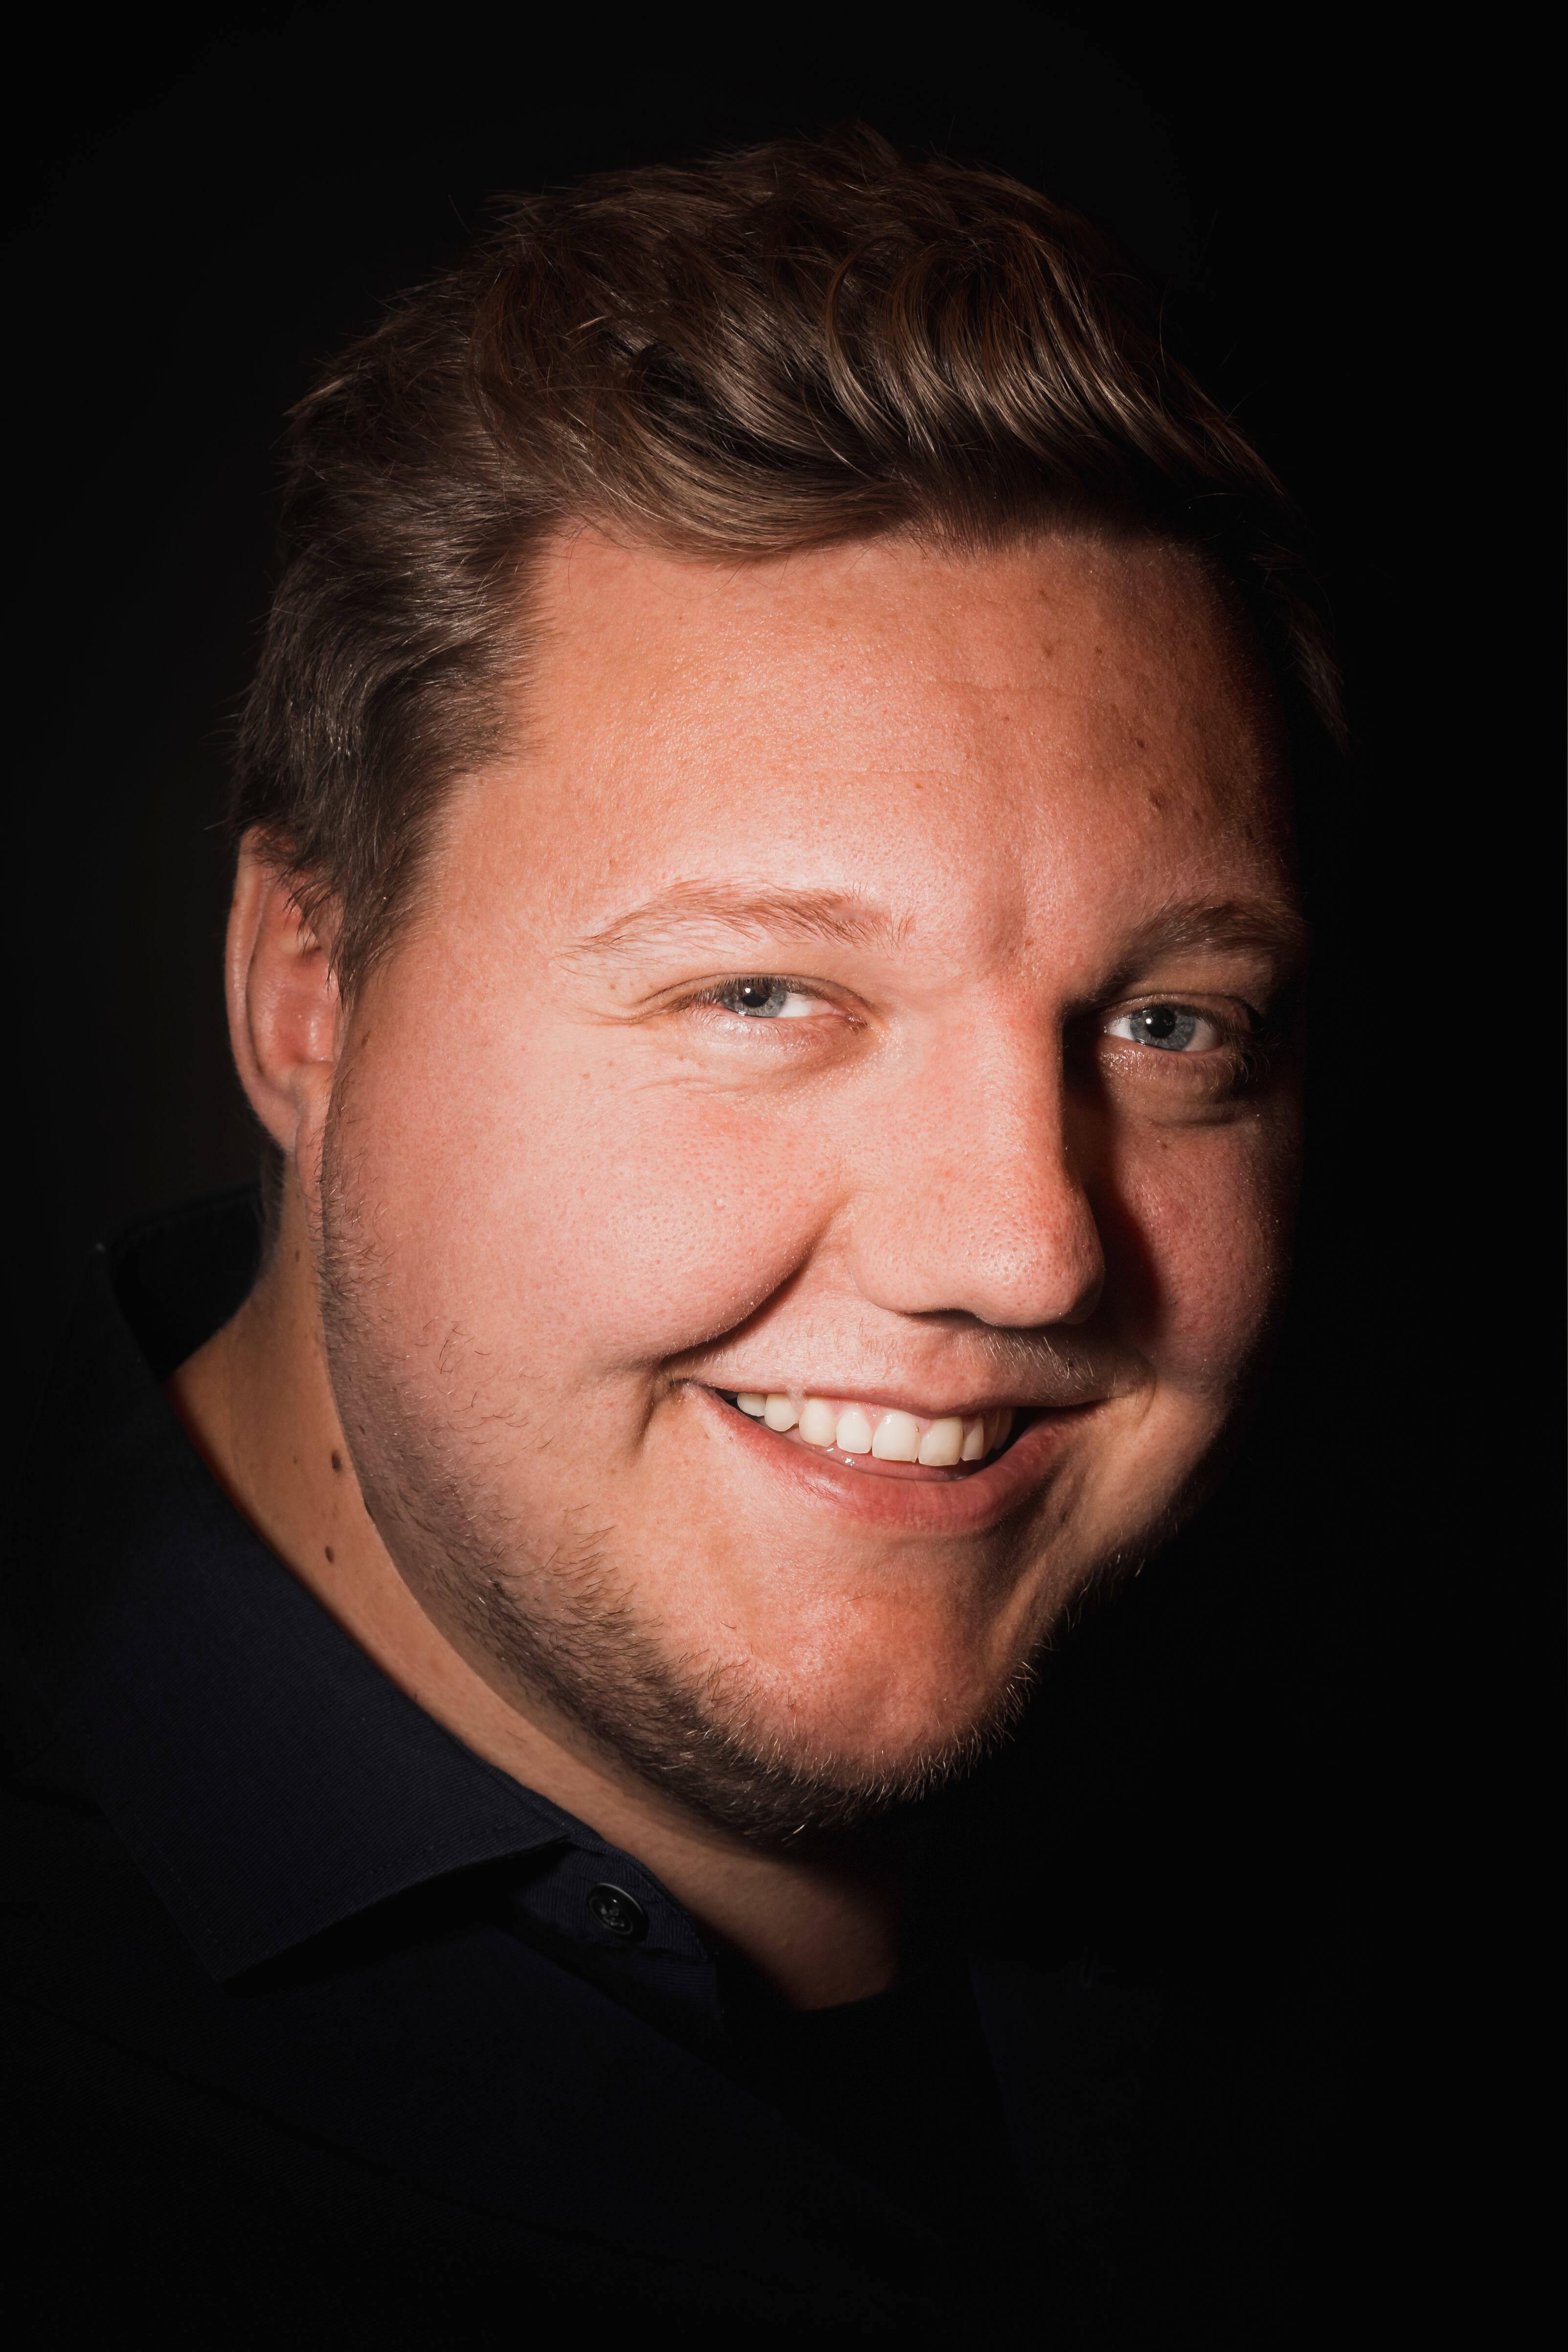 Florian Kees